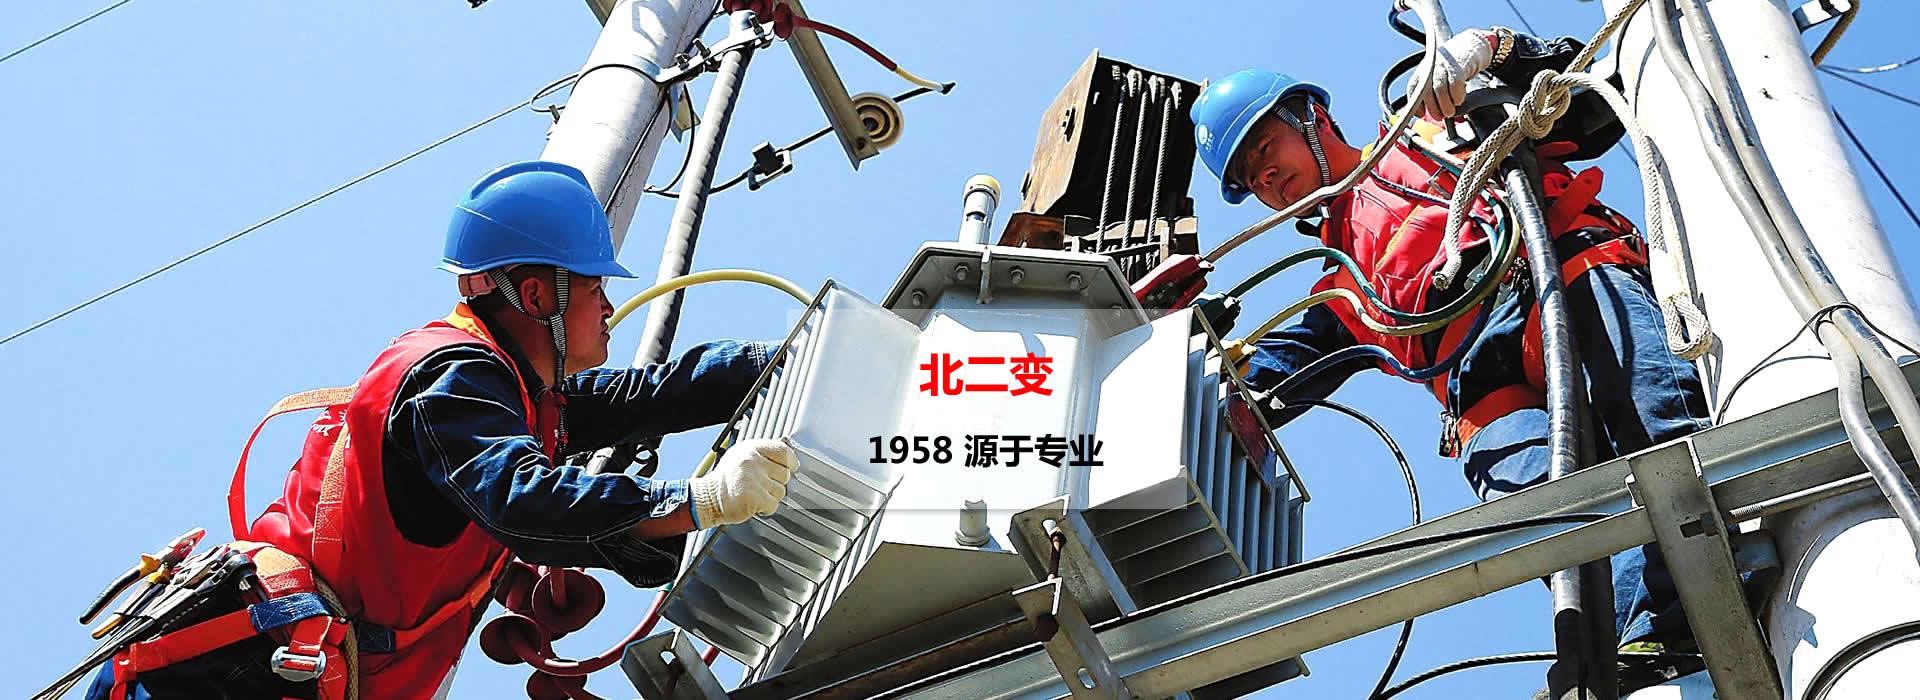 电力变压器厂家,高低压成套设备厂商